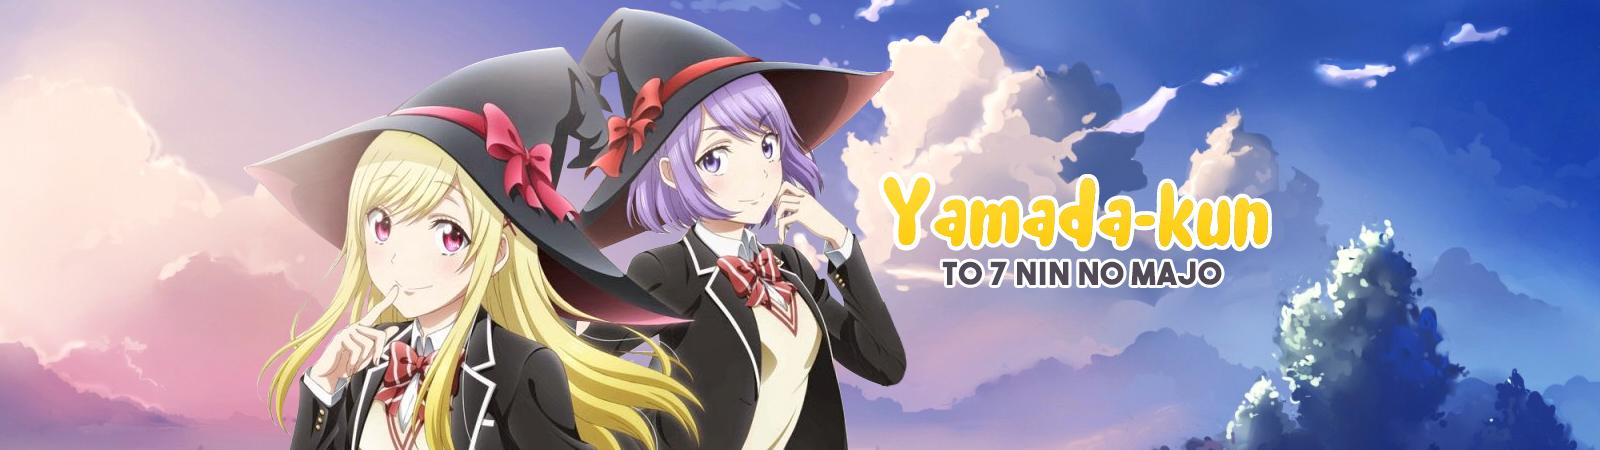 Tập 7 - Yamada-kun to 7 Nin No Majo